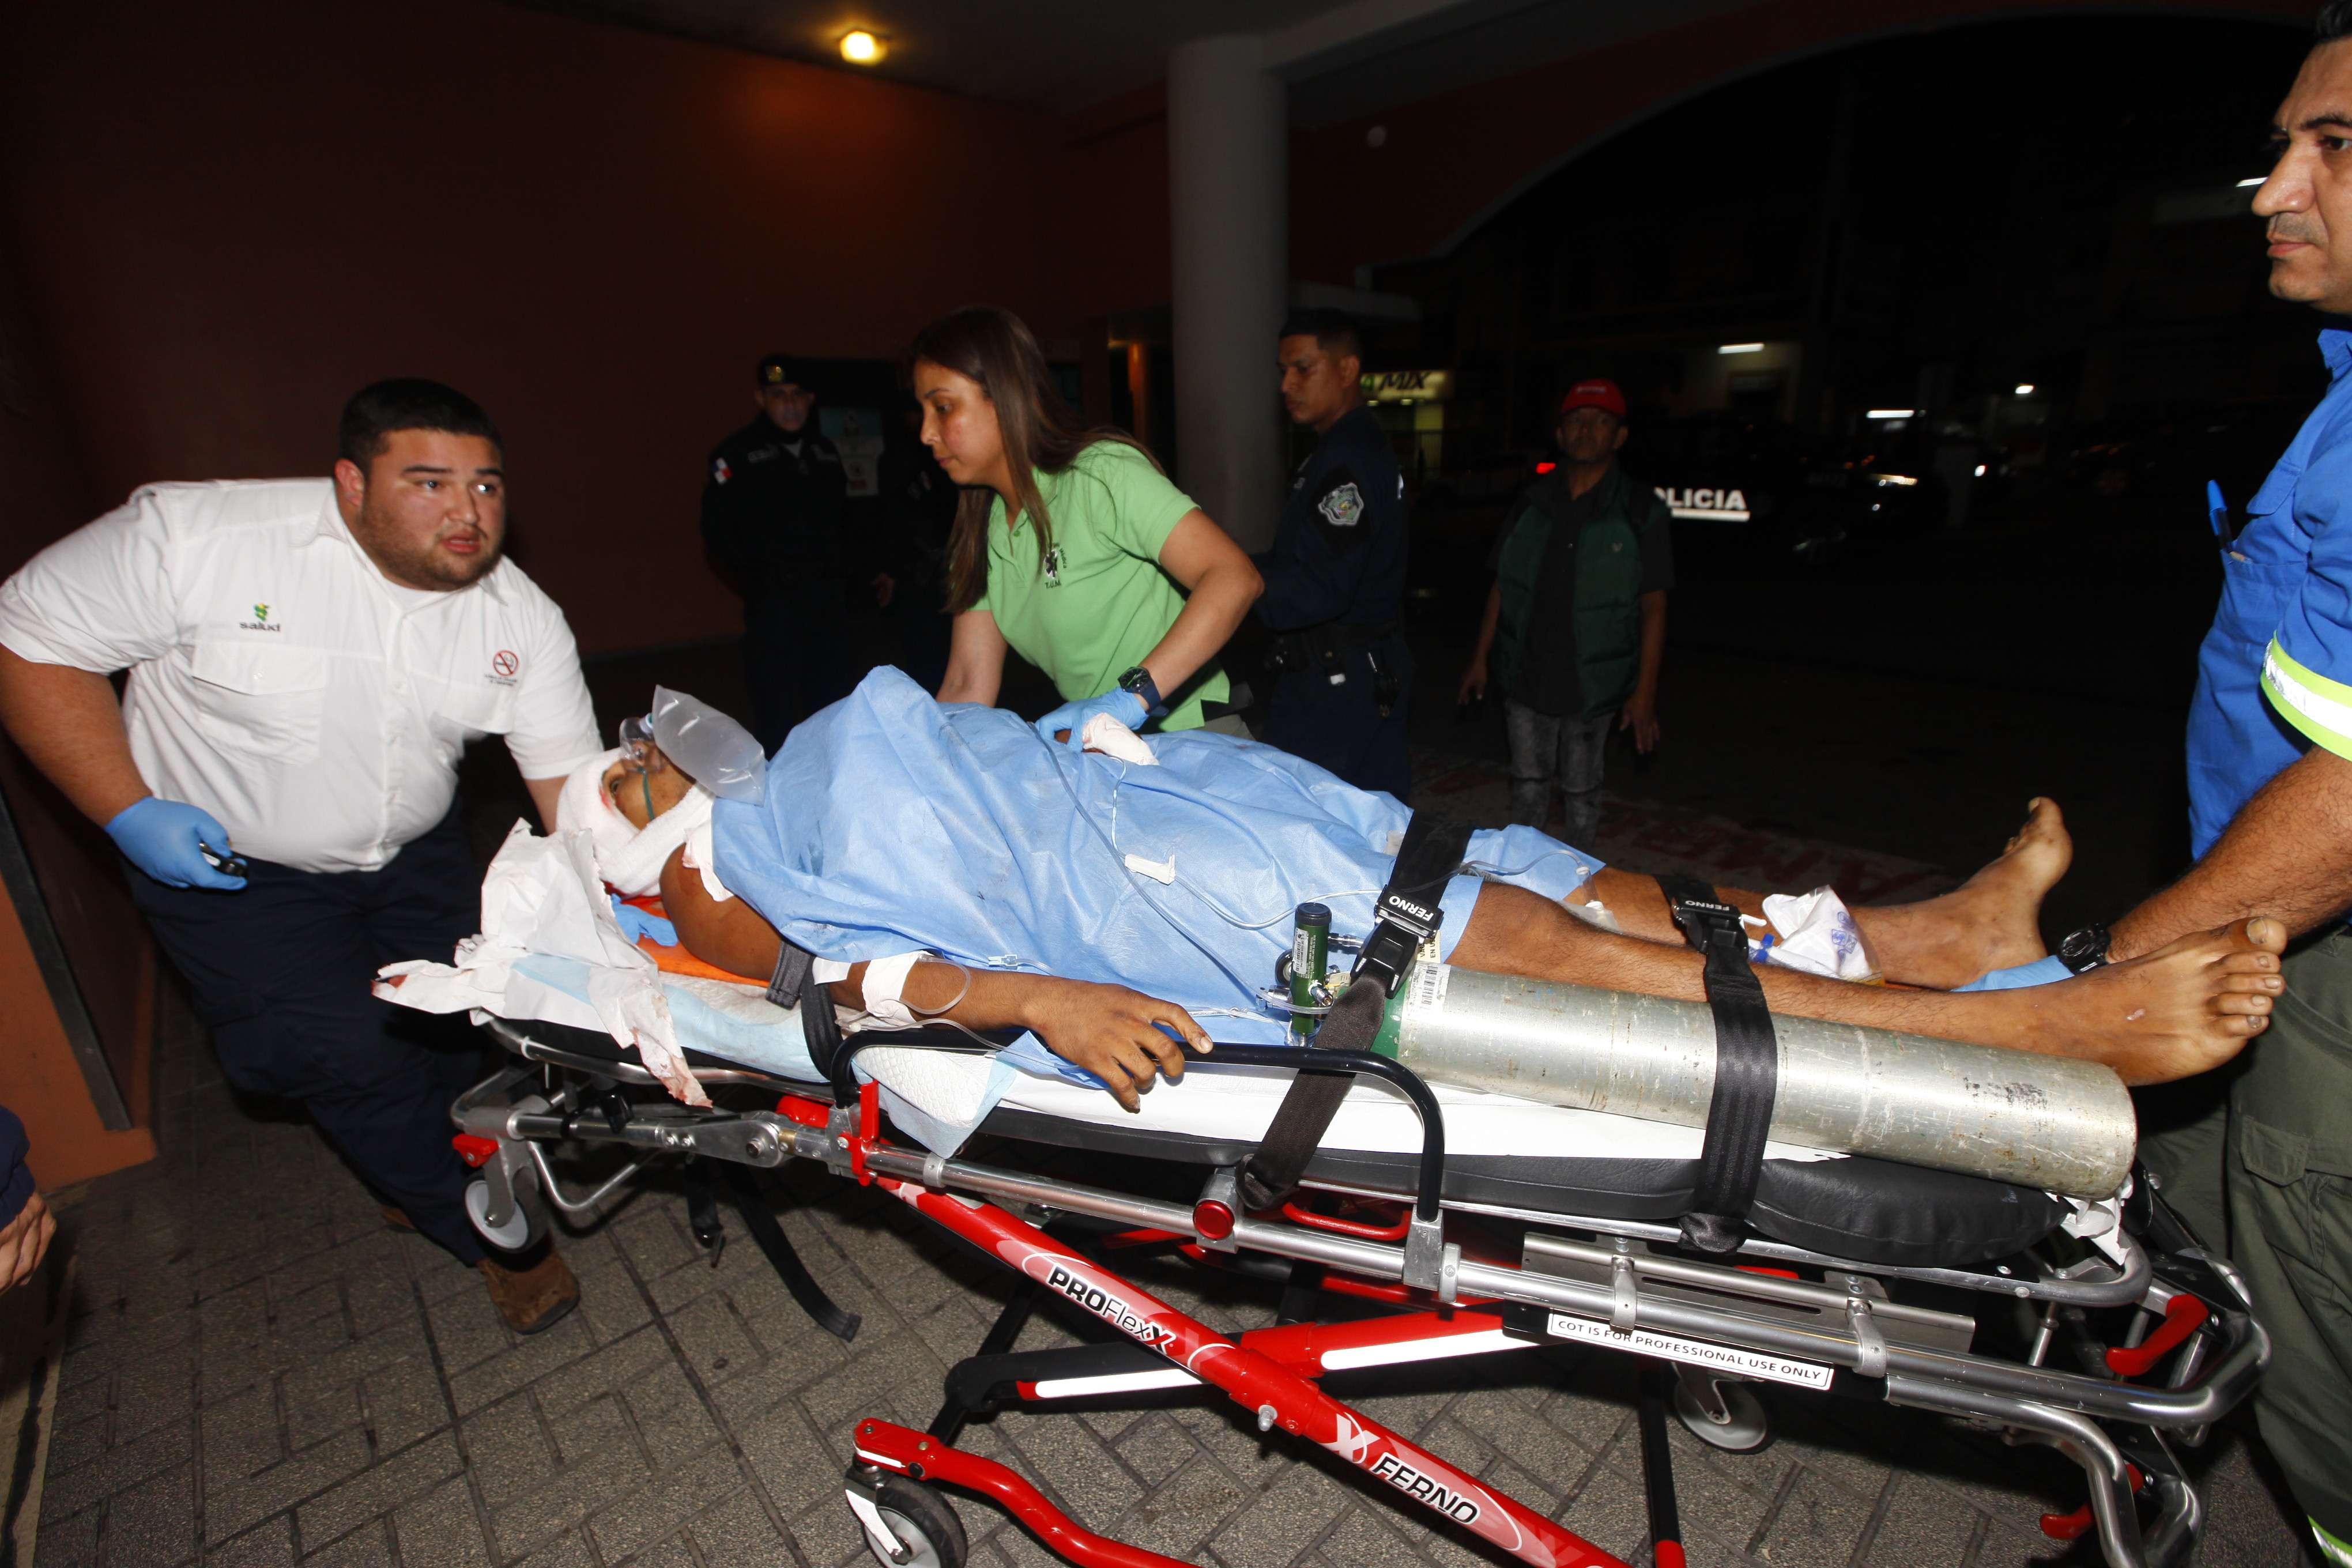 Momento en que la víctima ingresaba gravemente herido al hospital. Foto/ Alexander Santamaria